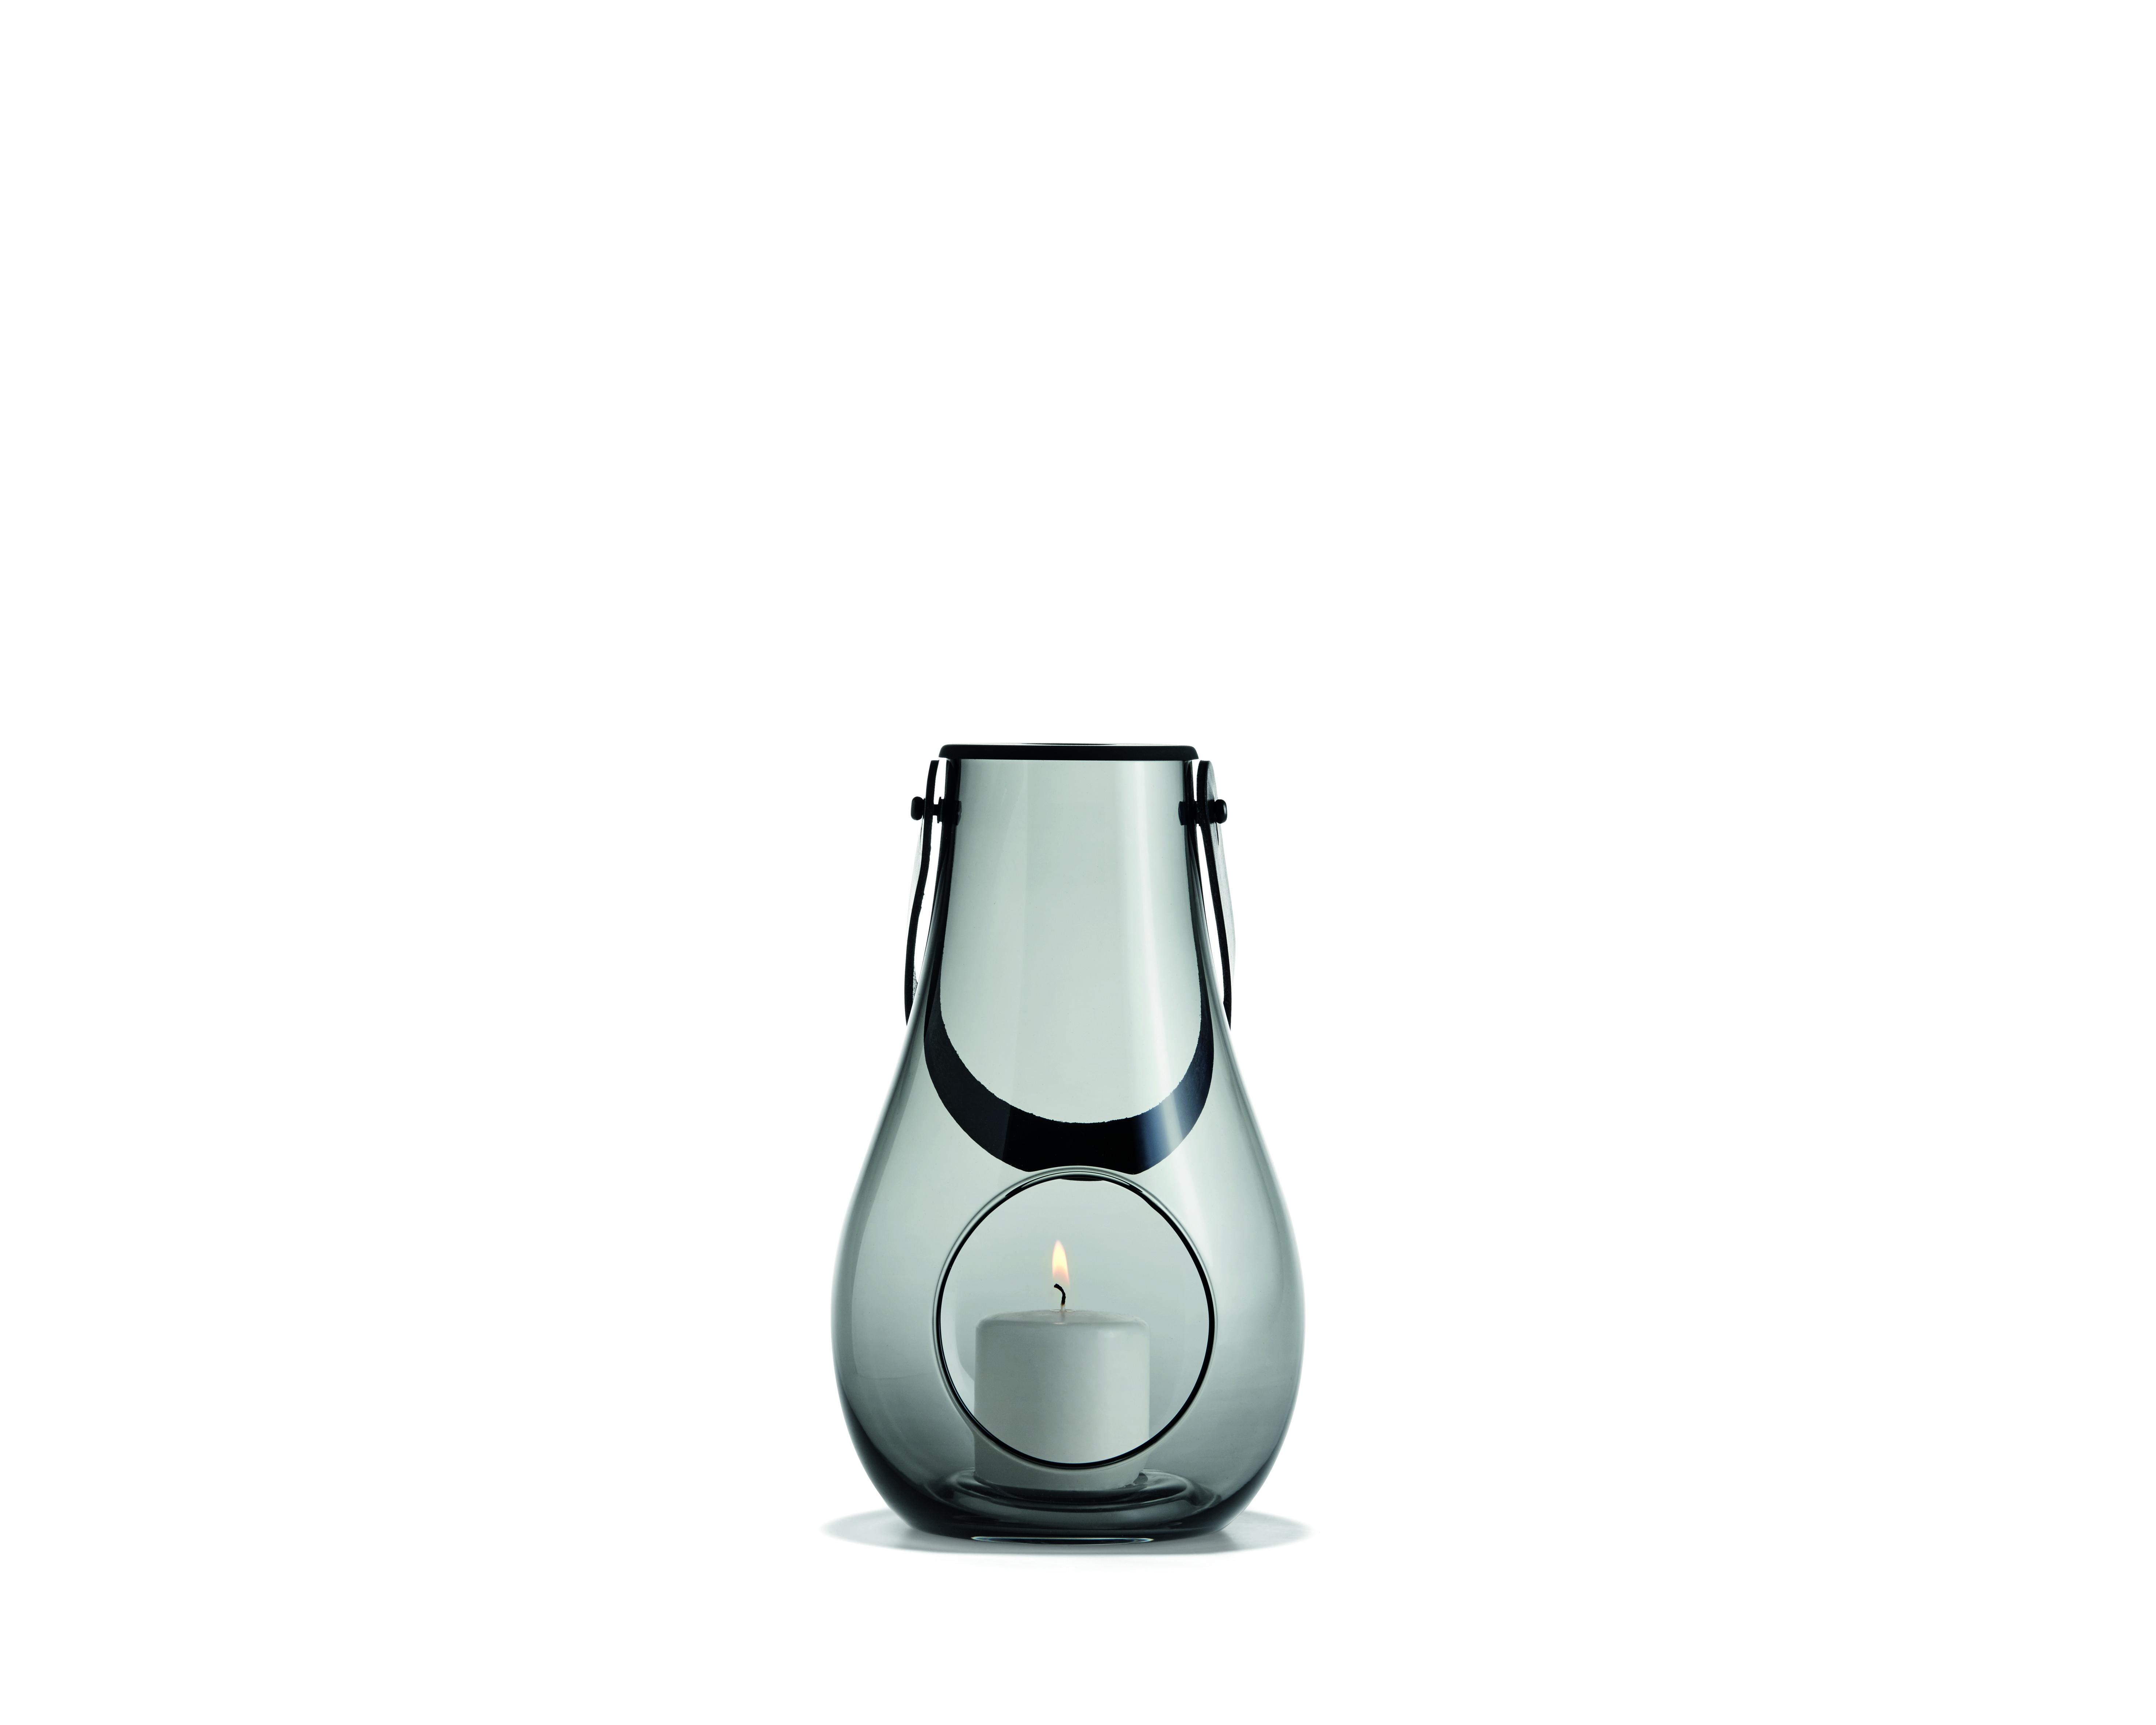 Holmegaard Design with light lanterne, 25 cm, smoke